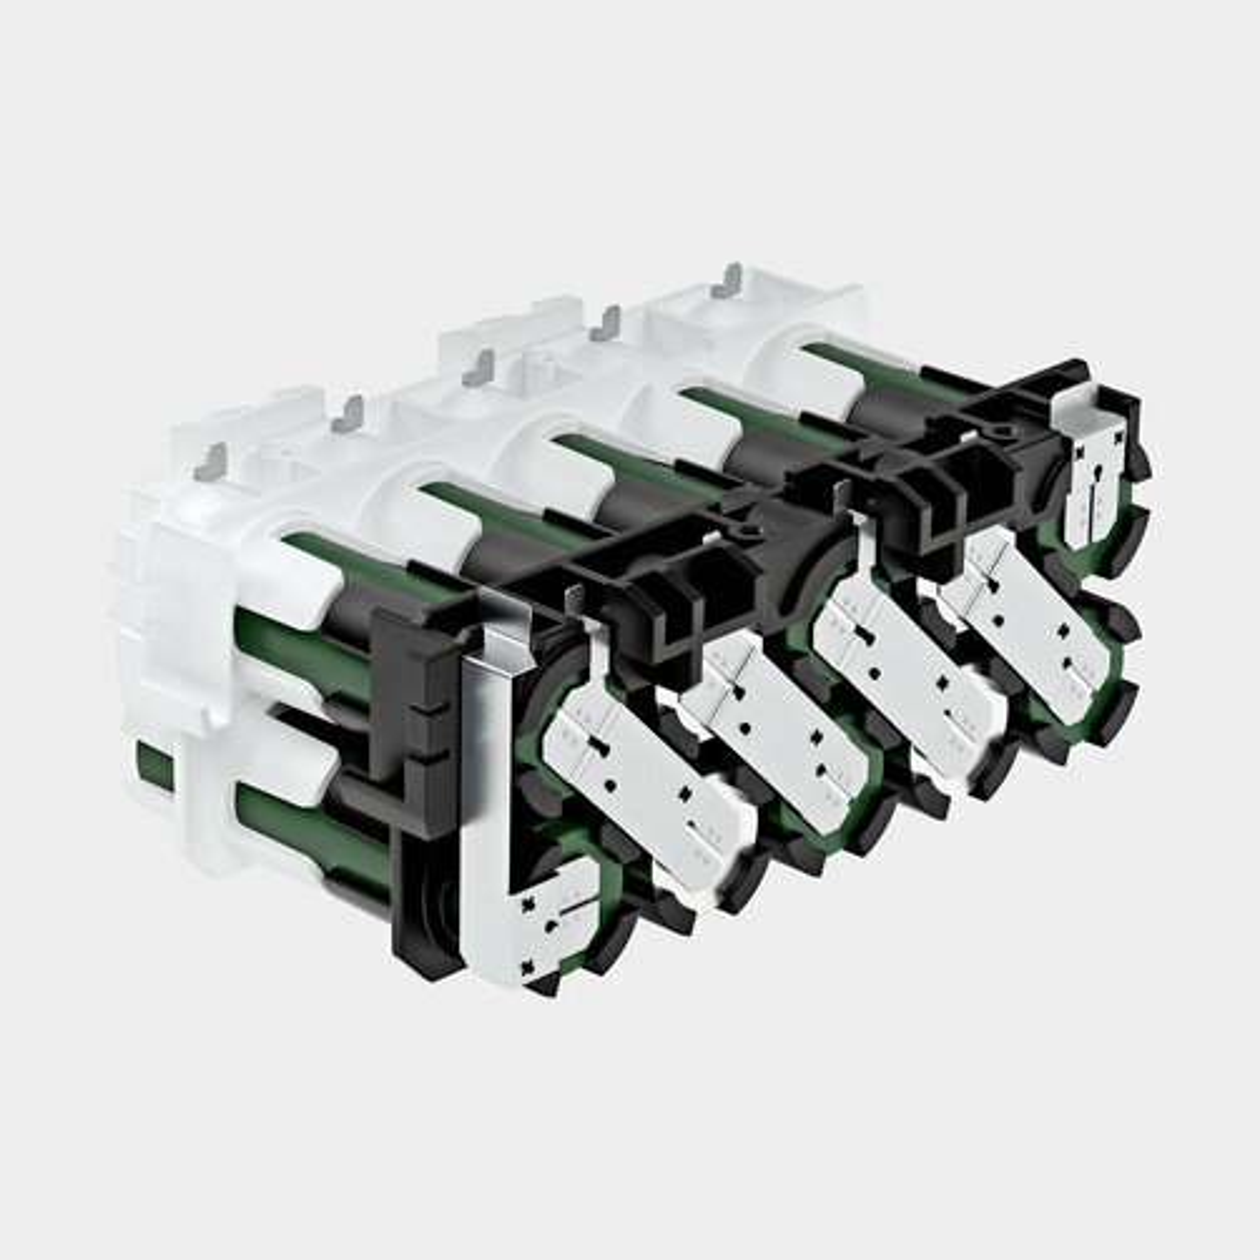 Batéria 18 V/ 2,5 Ah: Výkonné lítium-iónové články